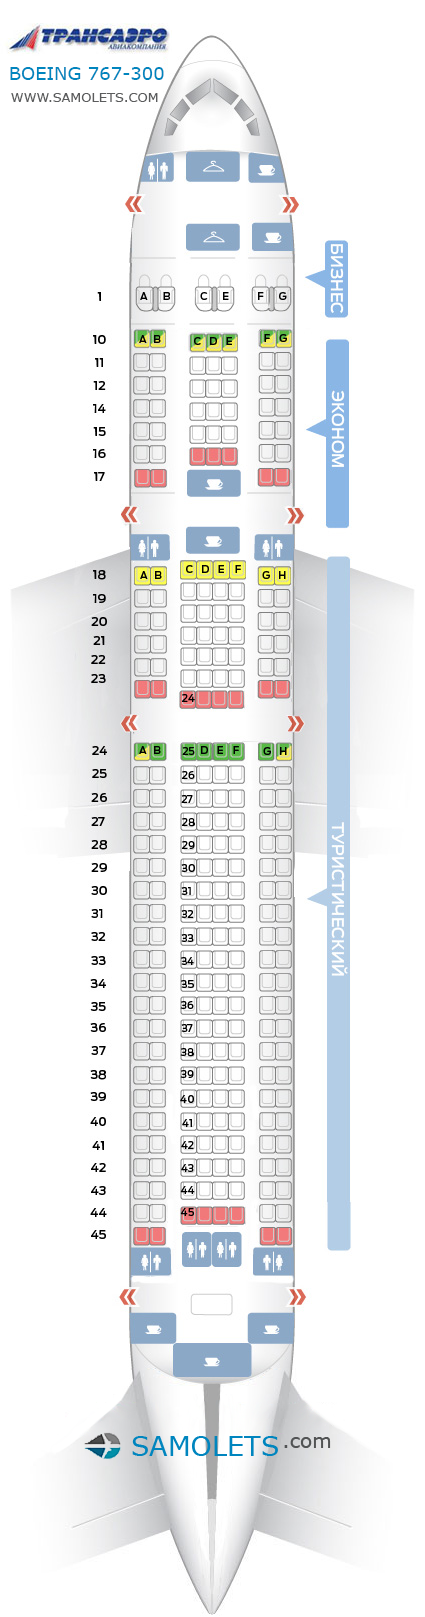 Схема салона Boeing 767-300